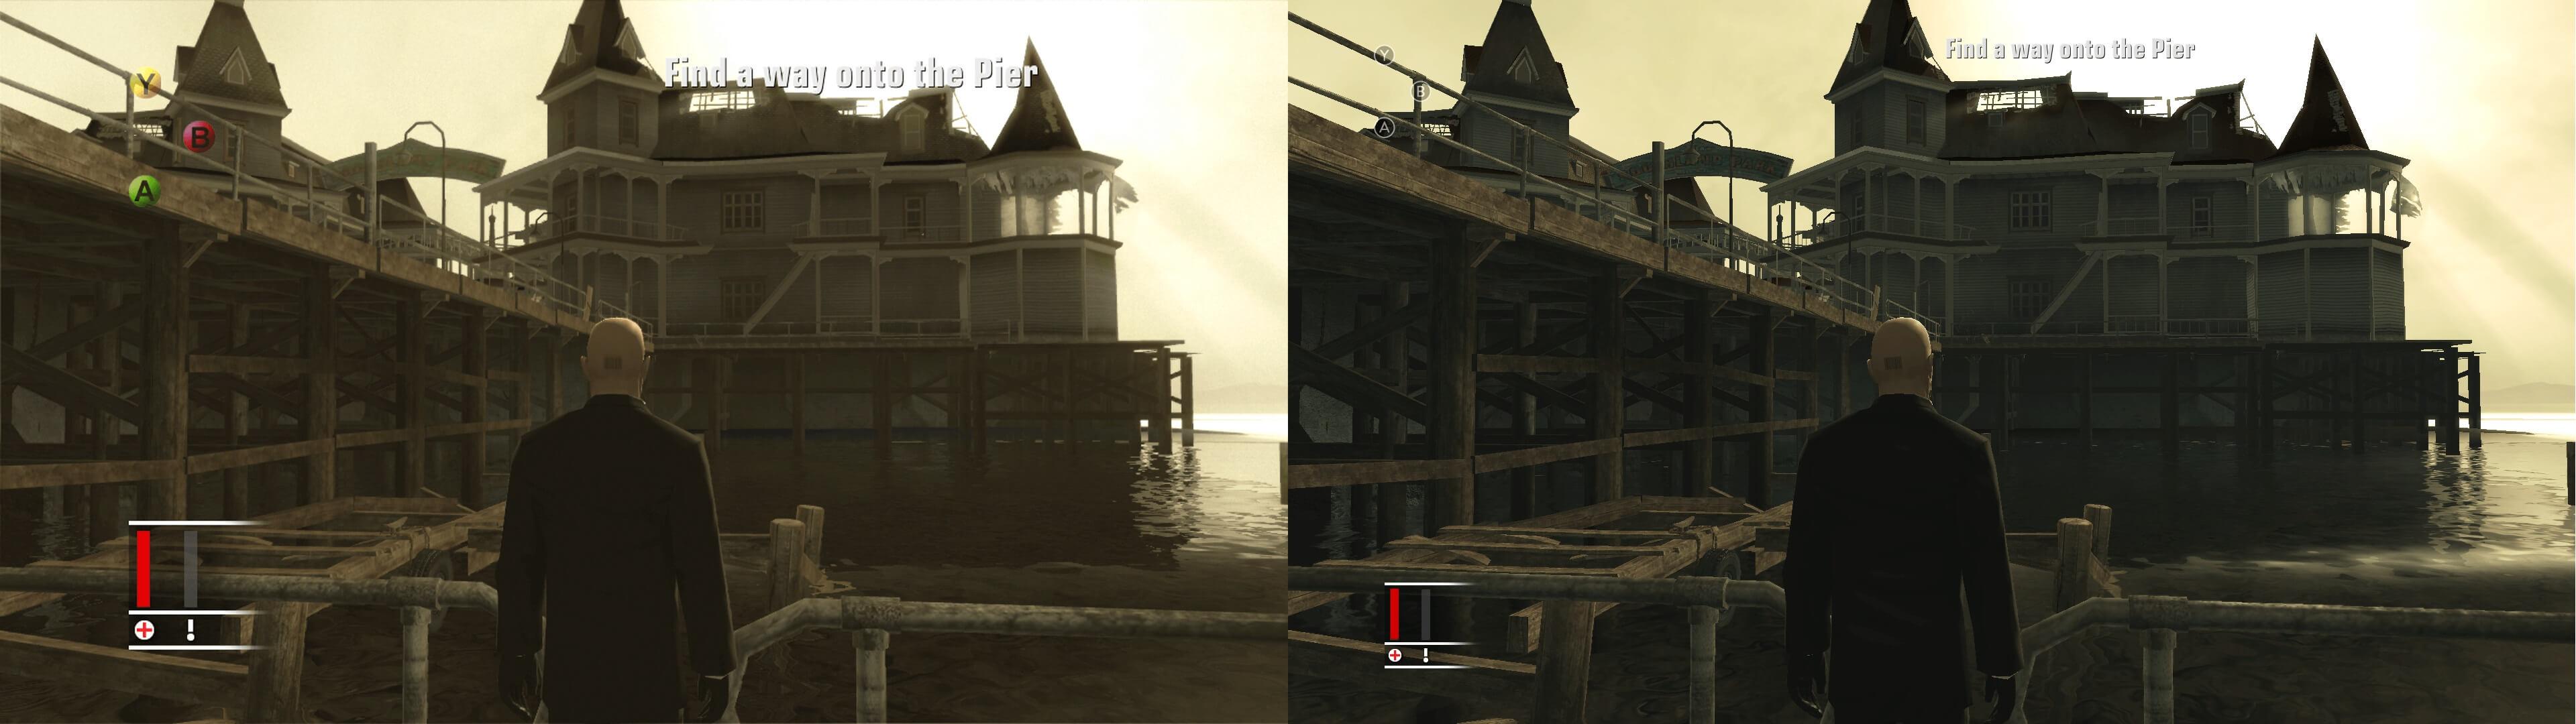 Comparativo Blood Money Xbox 360 e Xbox One